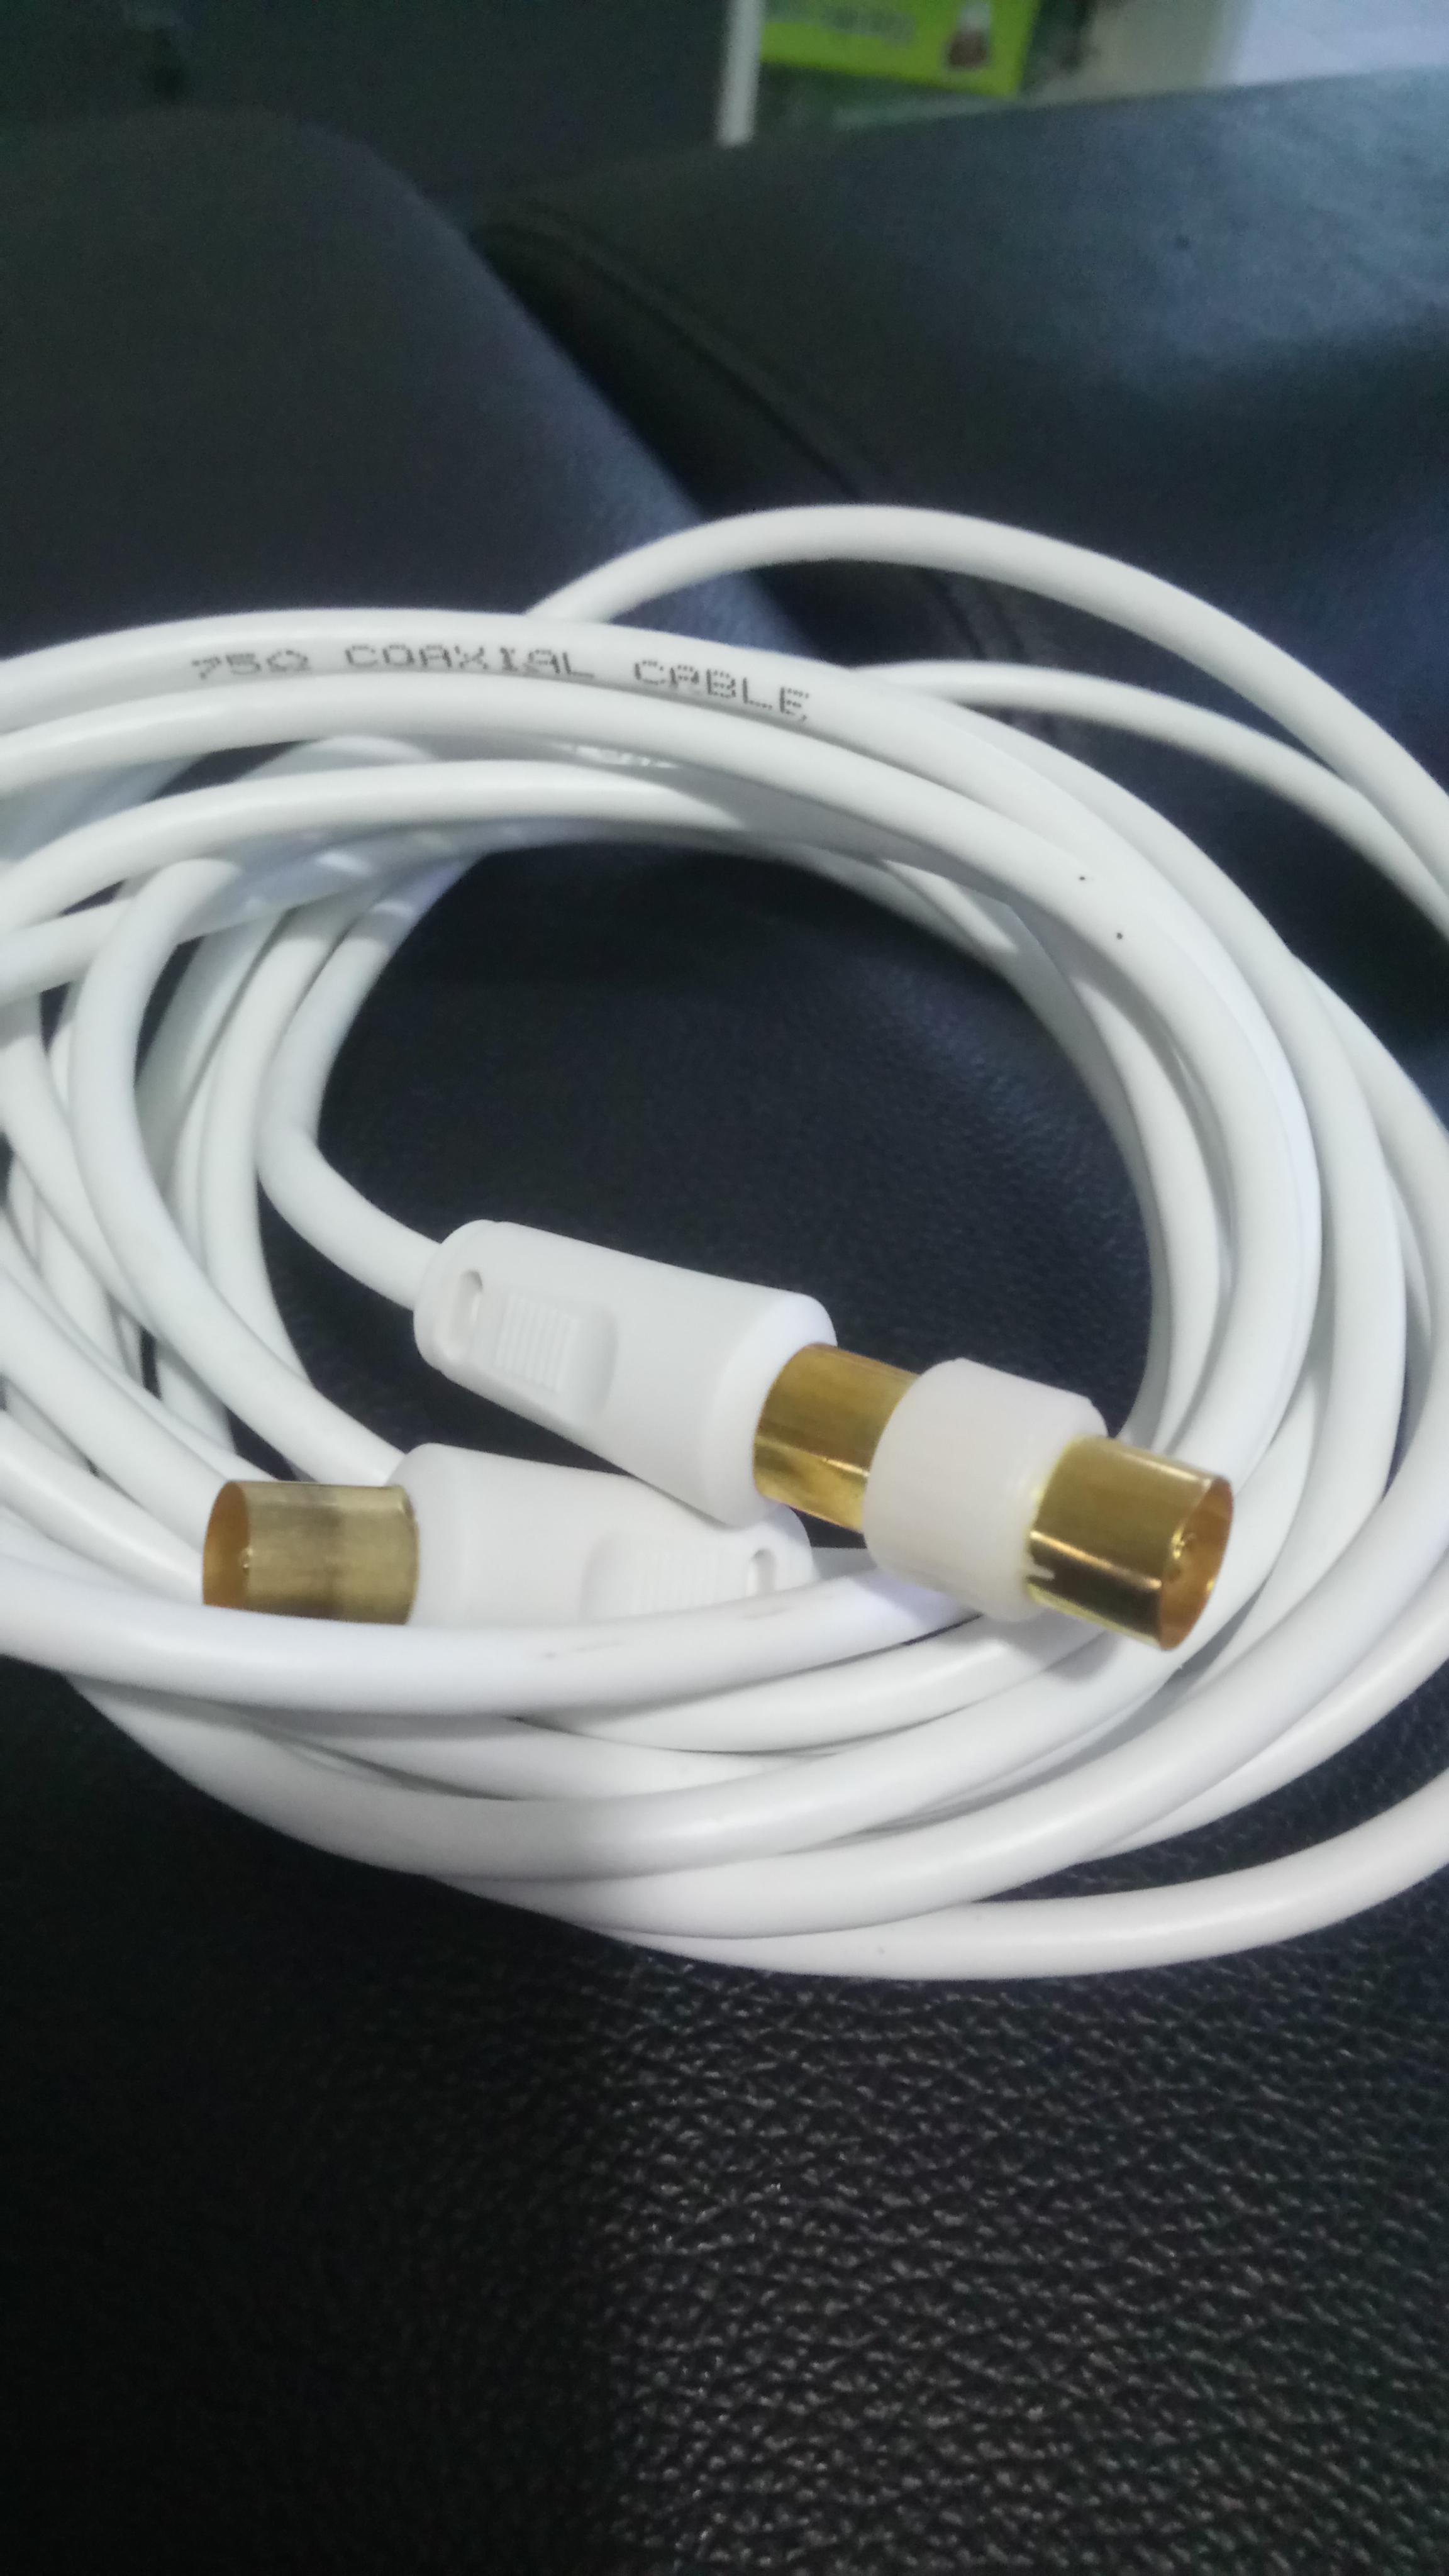 troc de troc cable co axial 5m neuf image 1